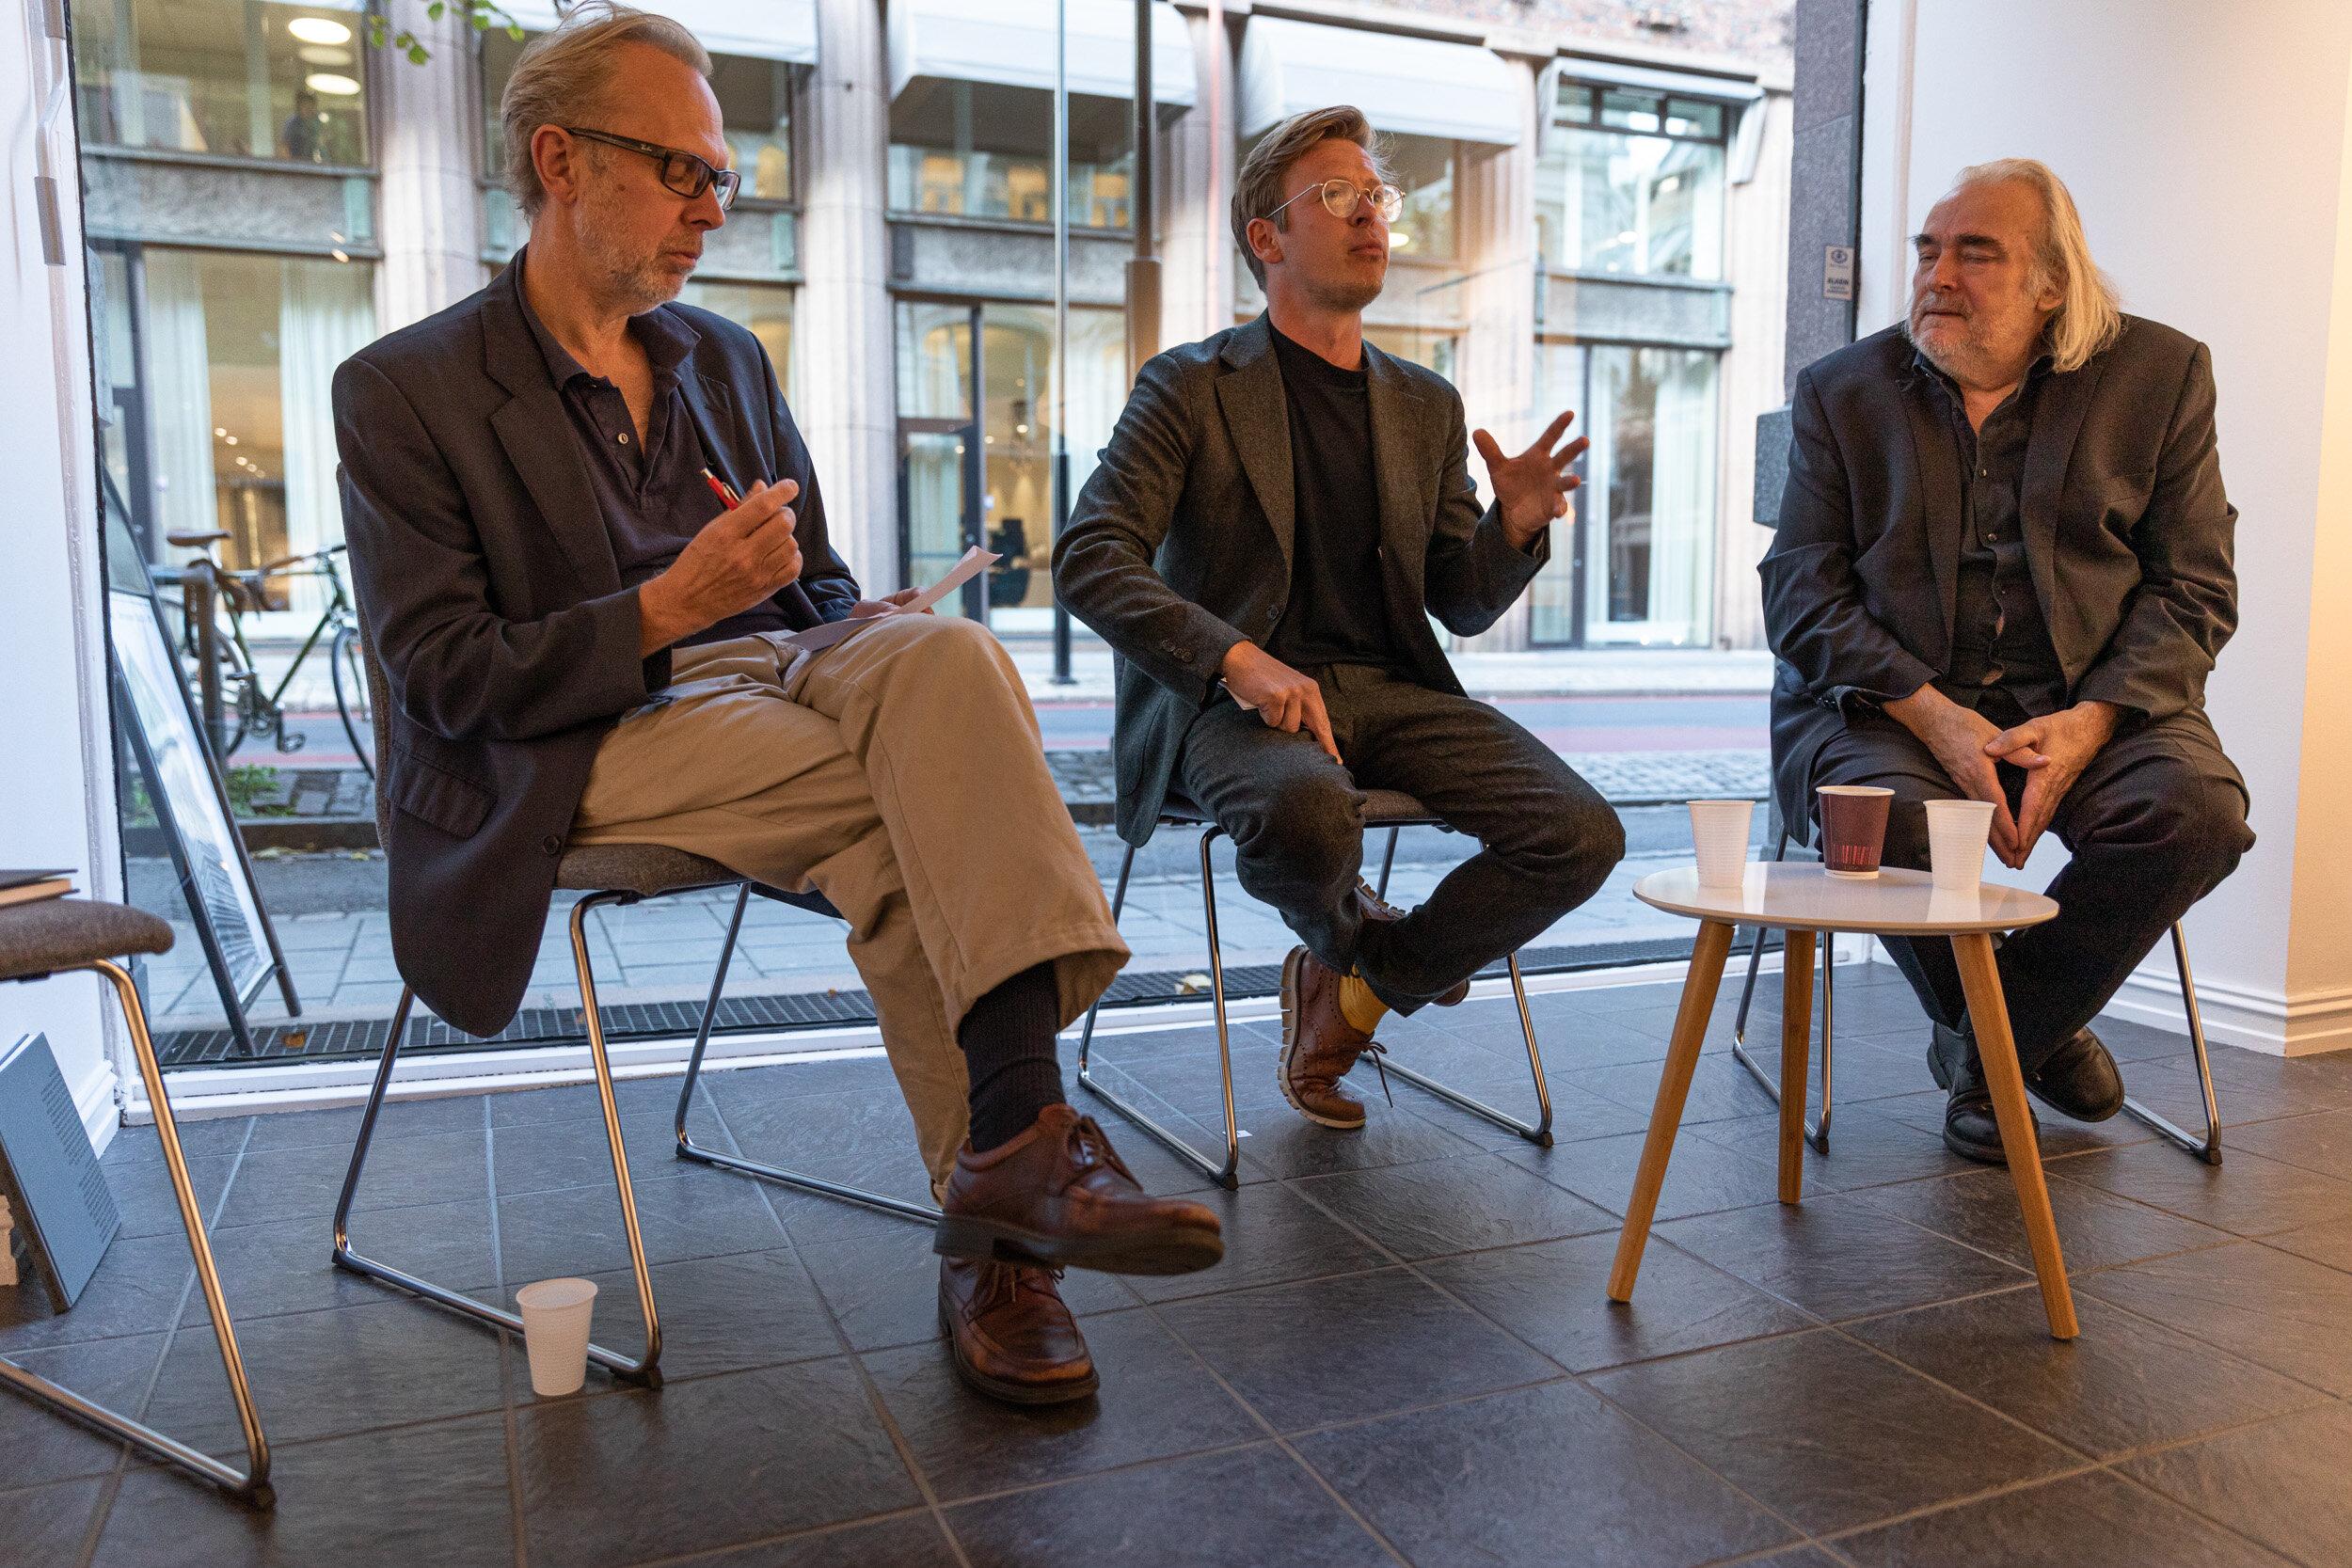 Byutviklingsamtale: Fra venstre: Hans Petter Blad, Halvor W. Ellefsen og Ole Robert Sunde.